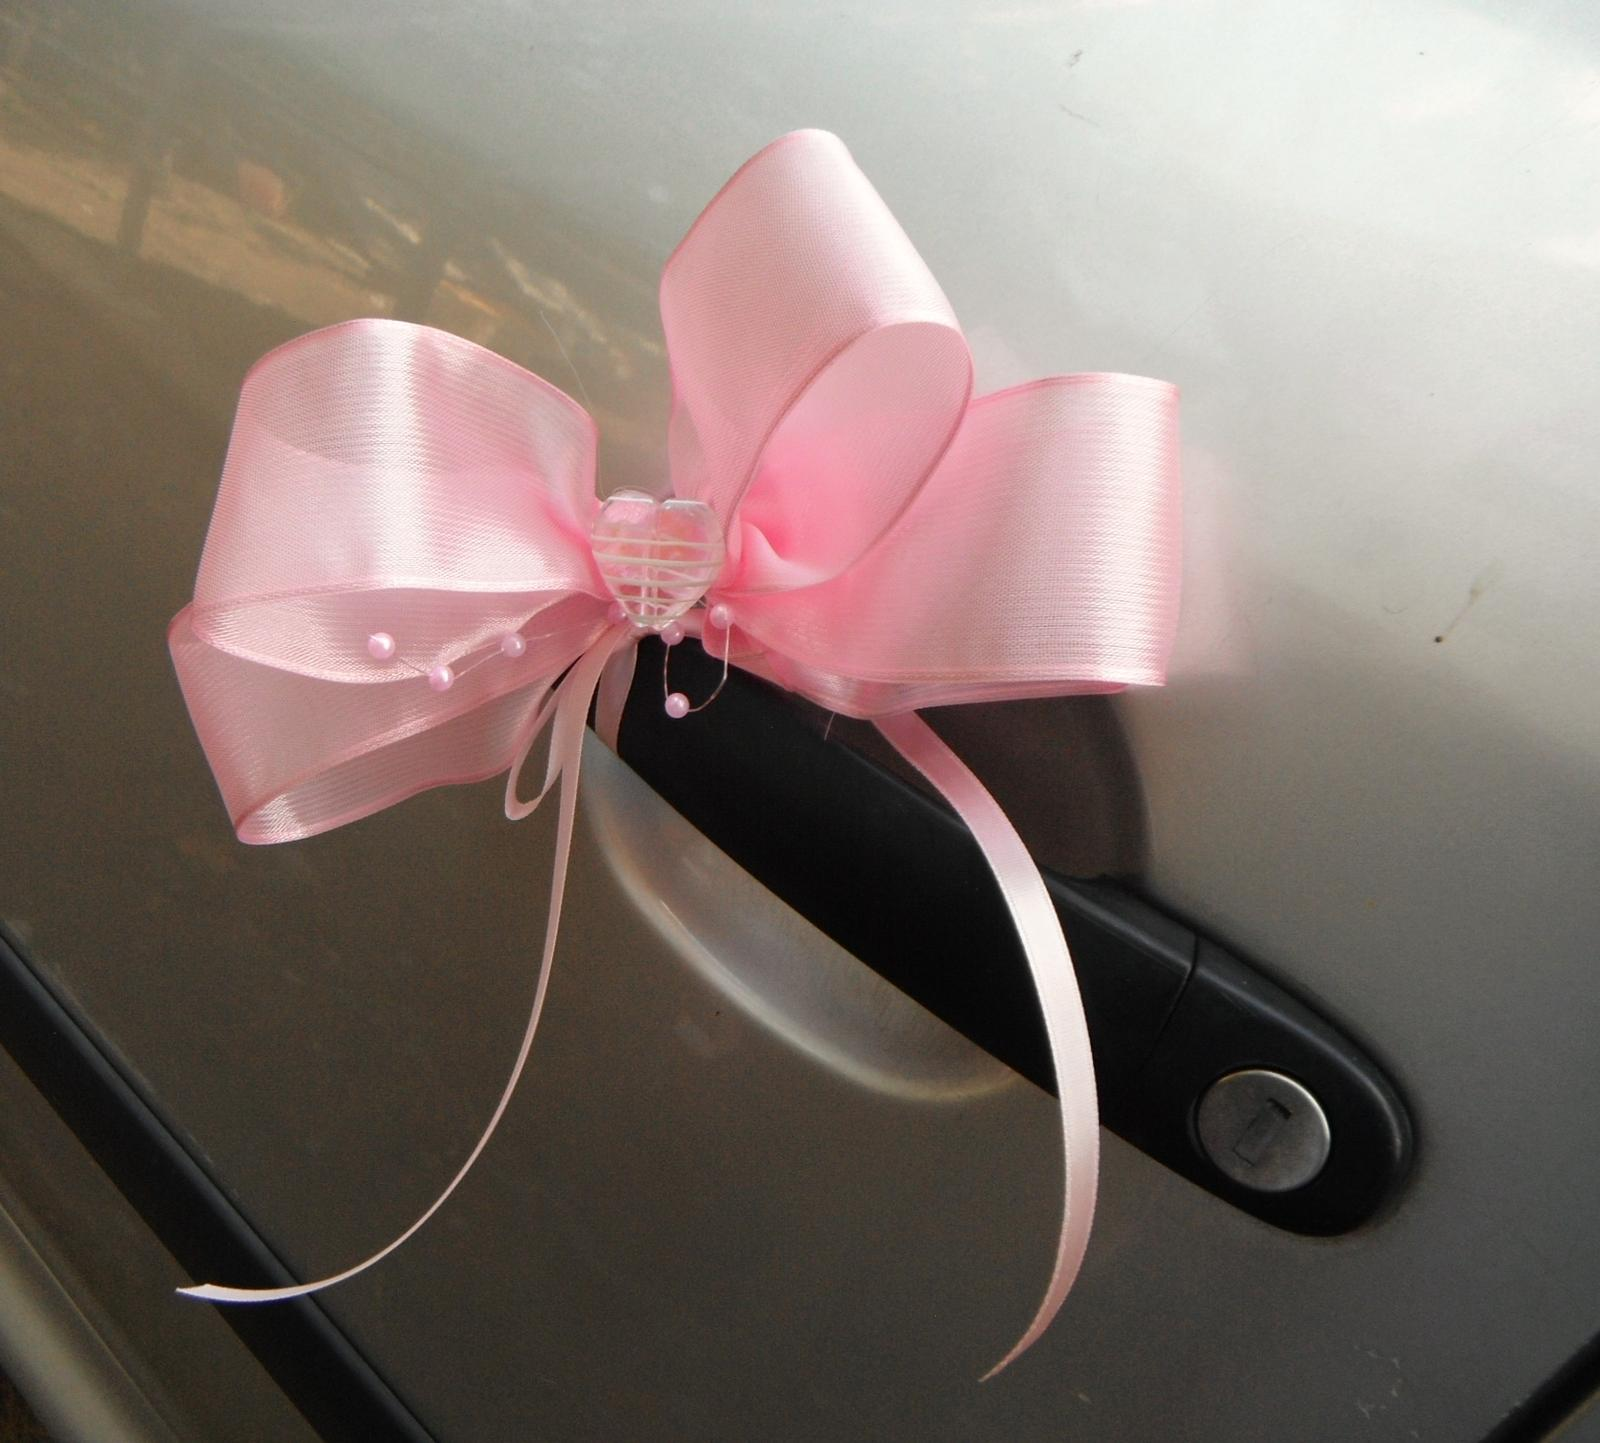 Mašle na kliku auta- pink - Obrázek č. 1